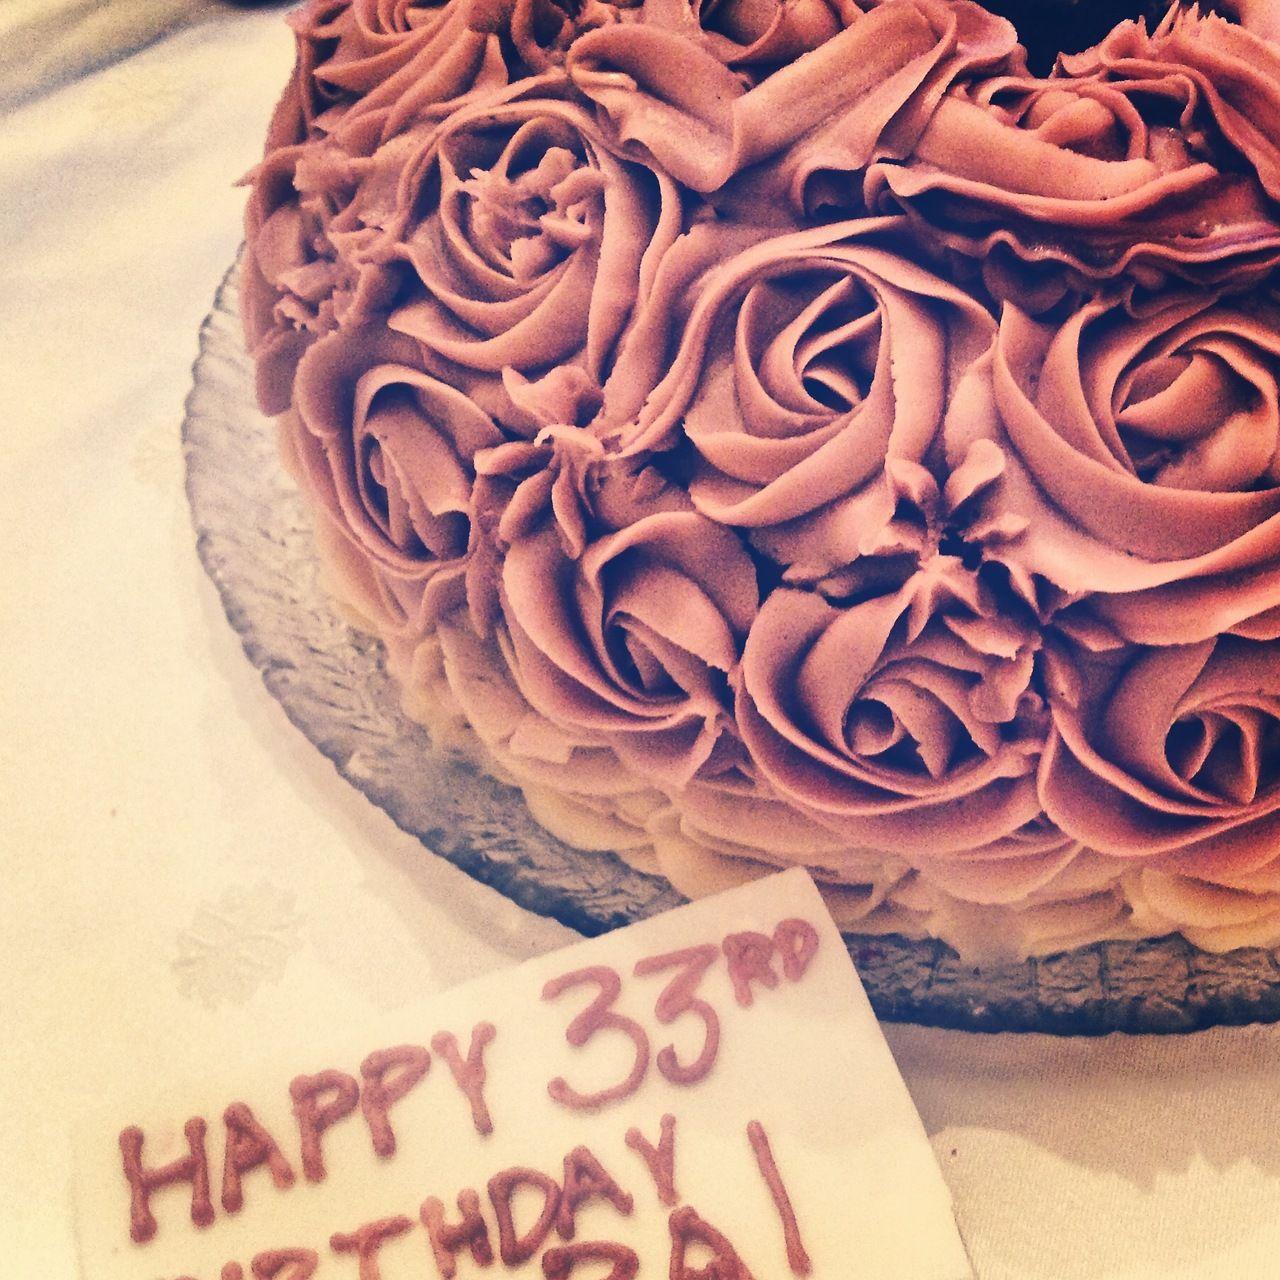 Rose cake for Lara's 33rd